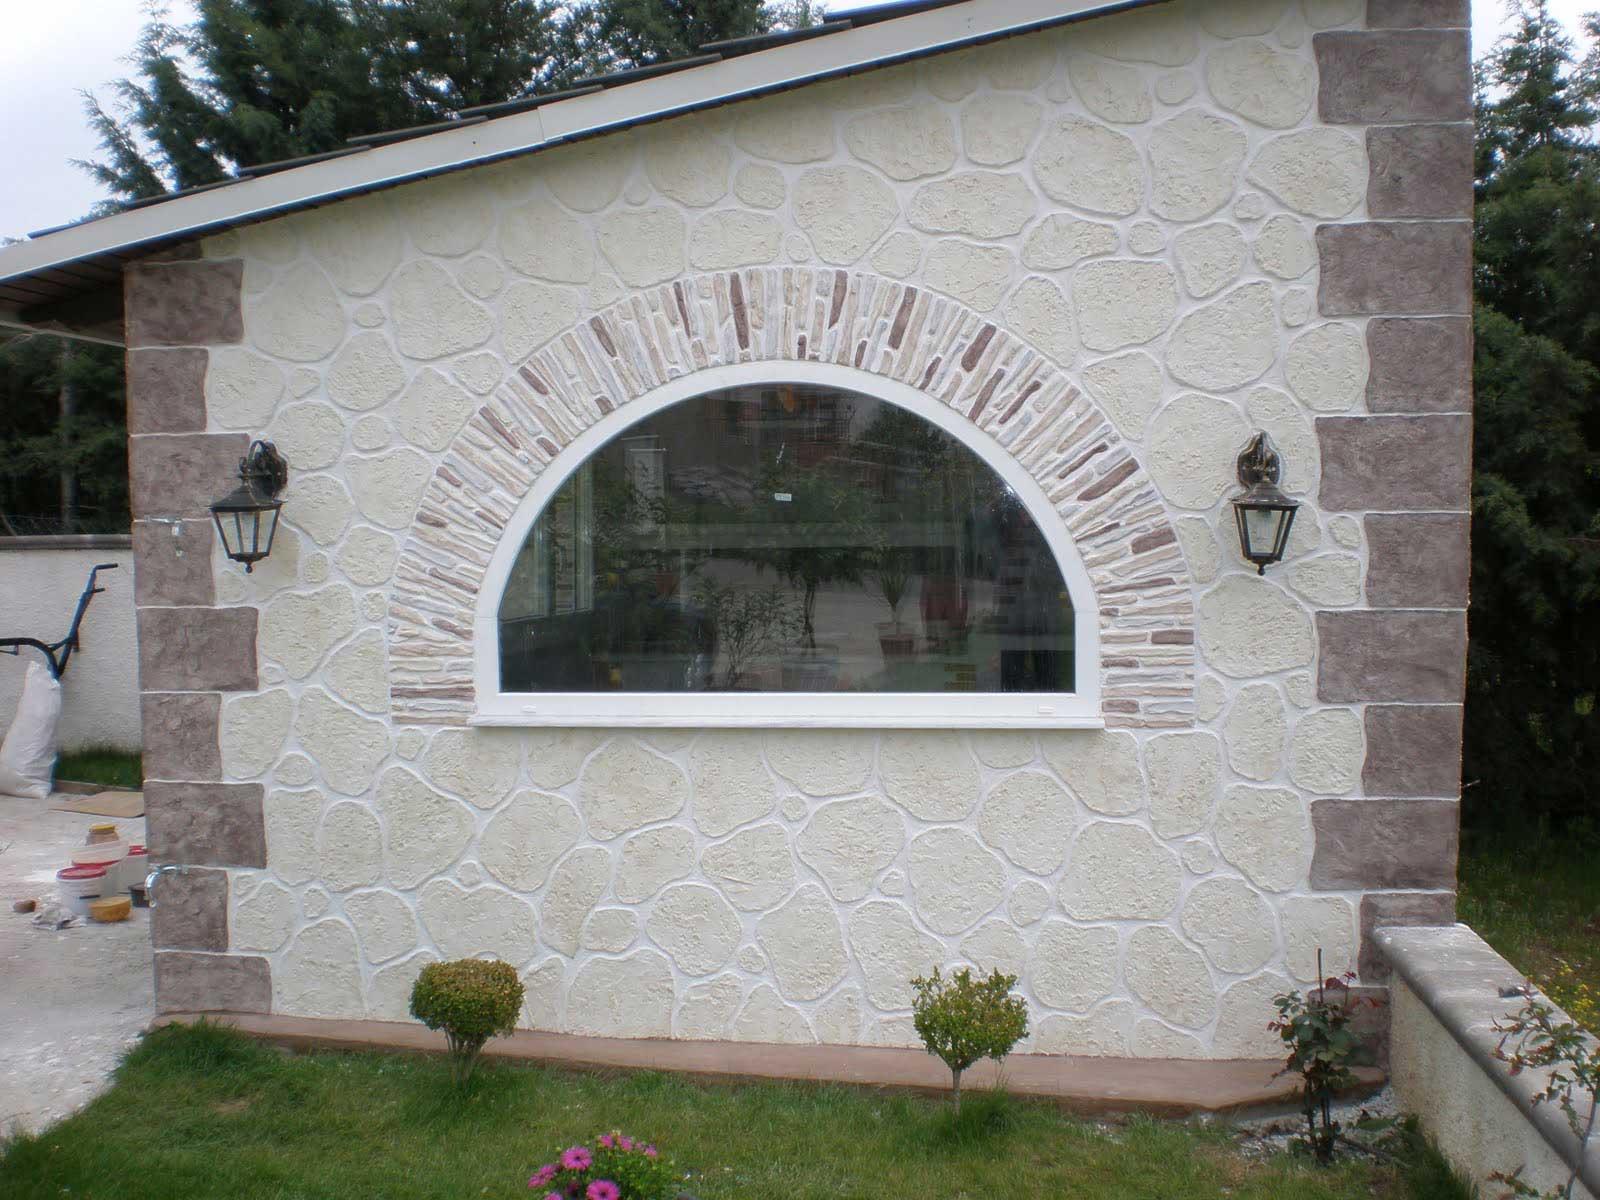 Immagini rivestimento pietra stampata e pietra ricostruita - Rivestimenti per esterno in pietra ...